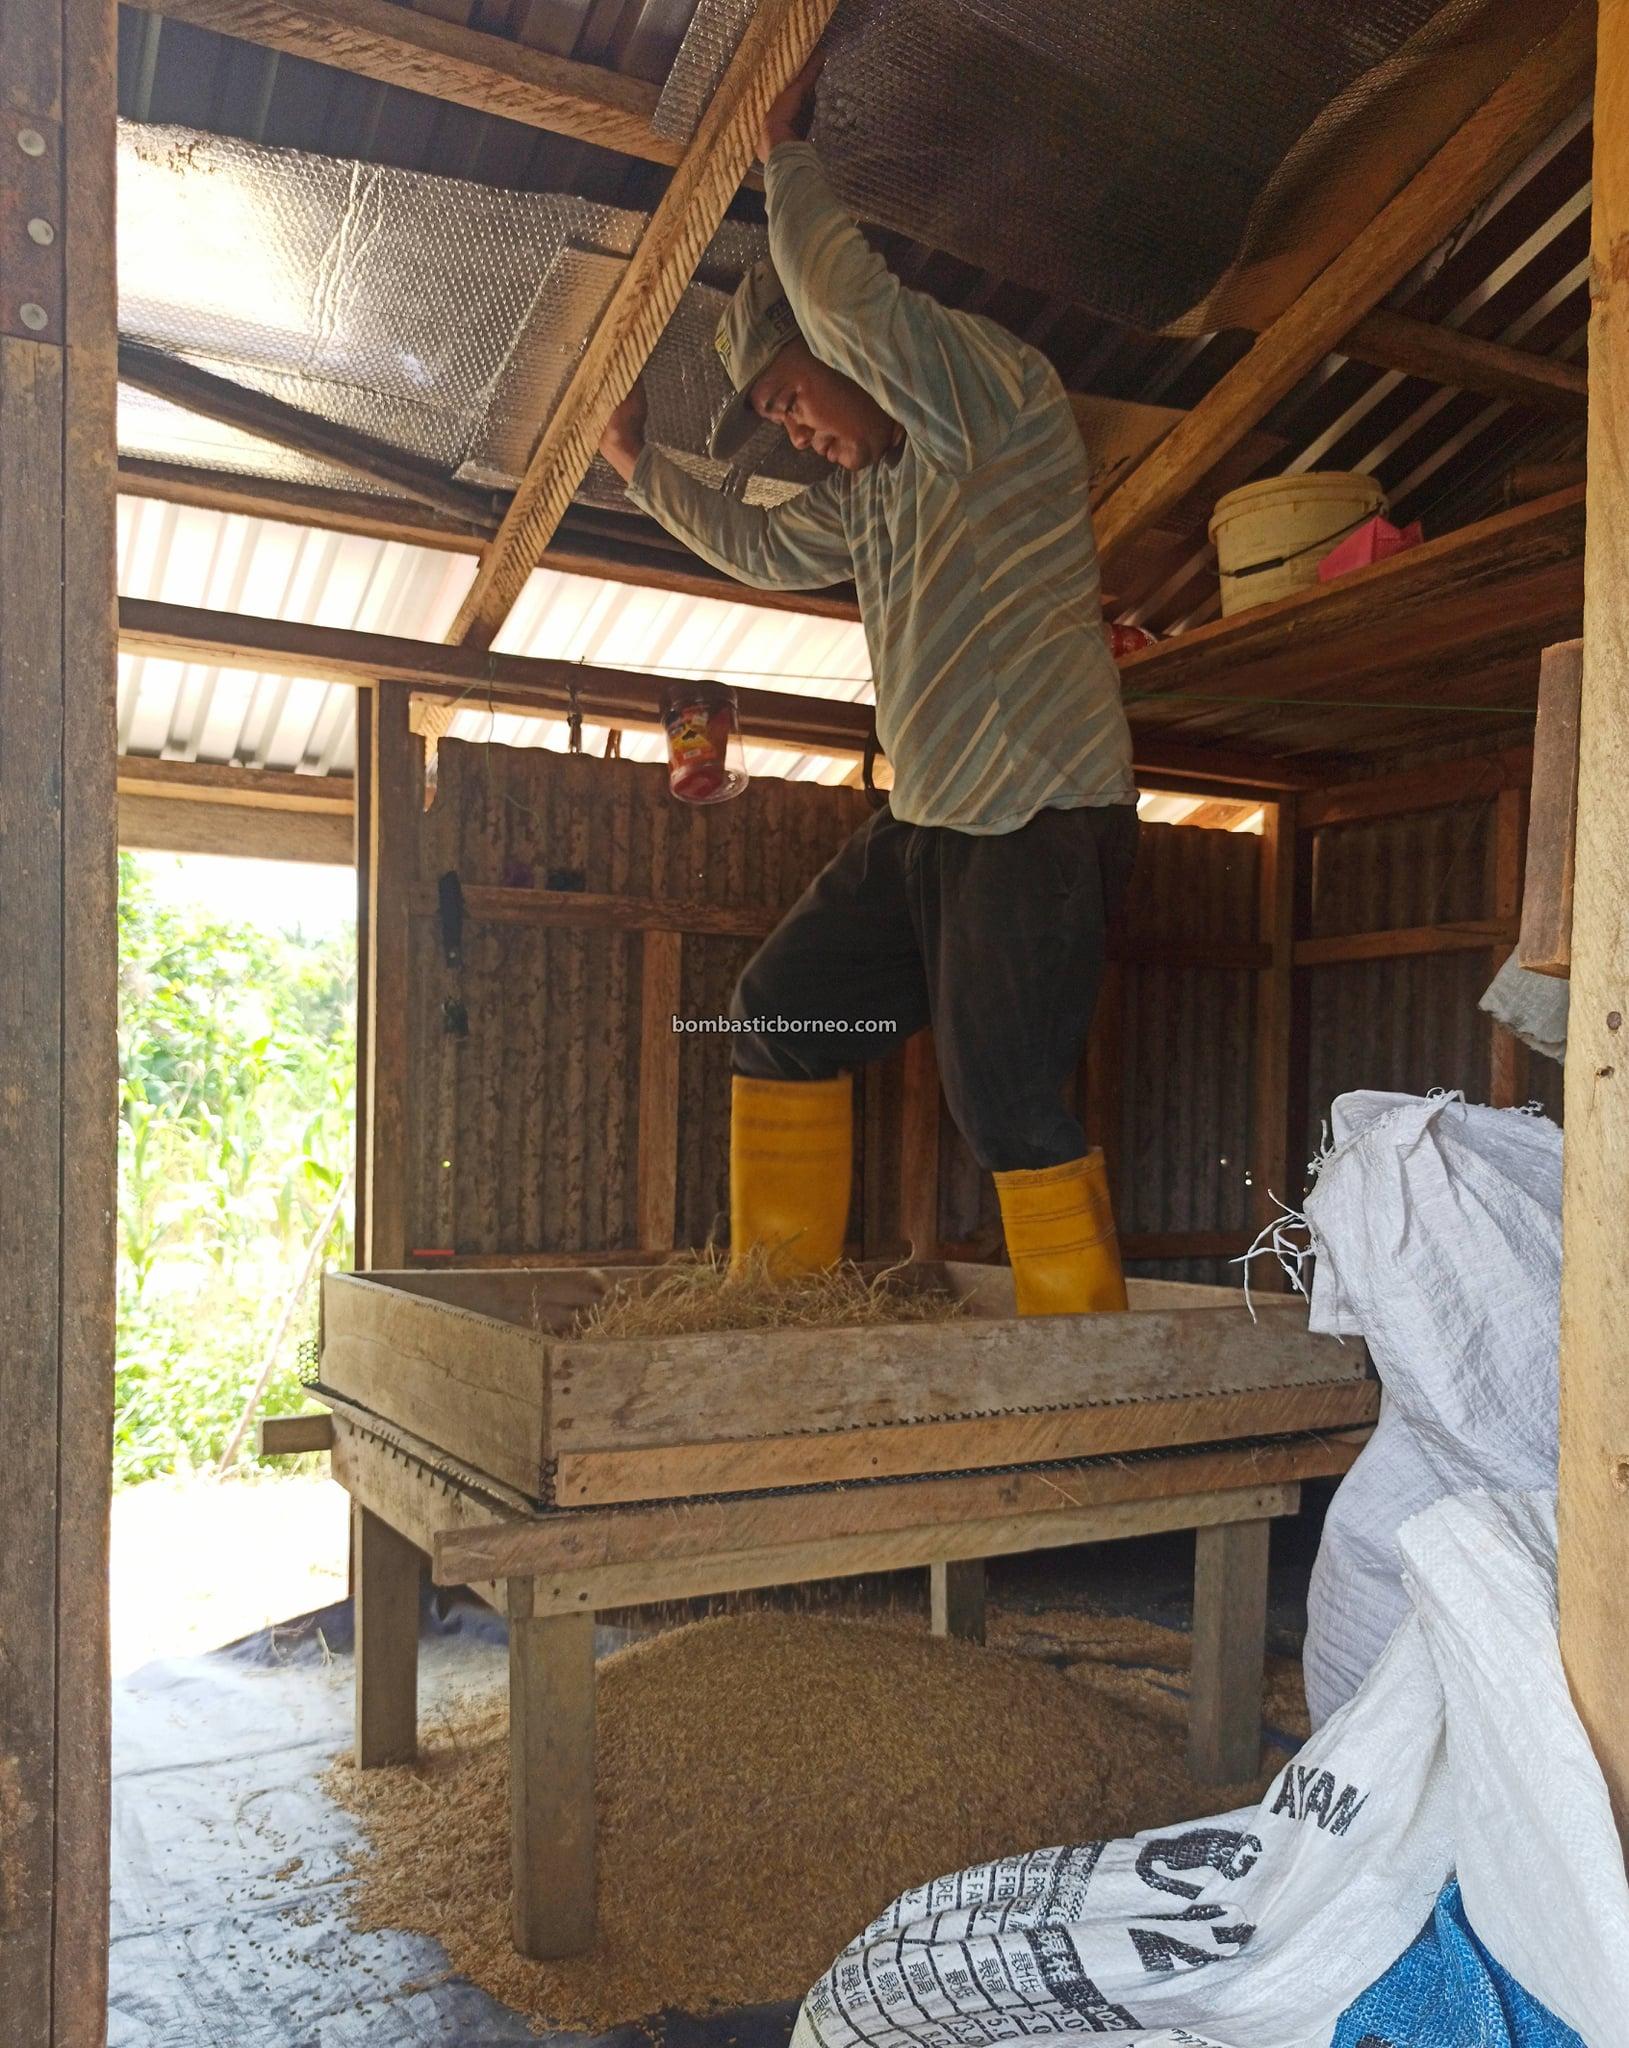 Kampung Bunan Gega, Village, Paddy Farming, Paddy harvesting, Sawah Padi, native, authentic, culture, Malaysia, Tourism, tourist attraction, Borneo, 穿越婆罗洲游踪, 马来西亚砂拉越, 西连比达友传统稻田